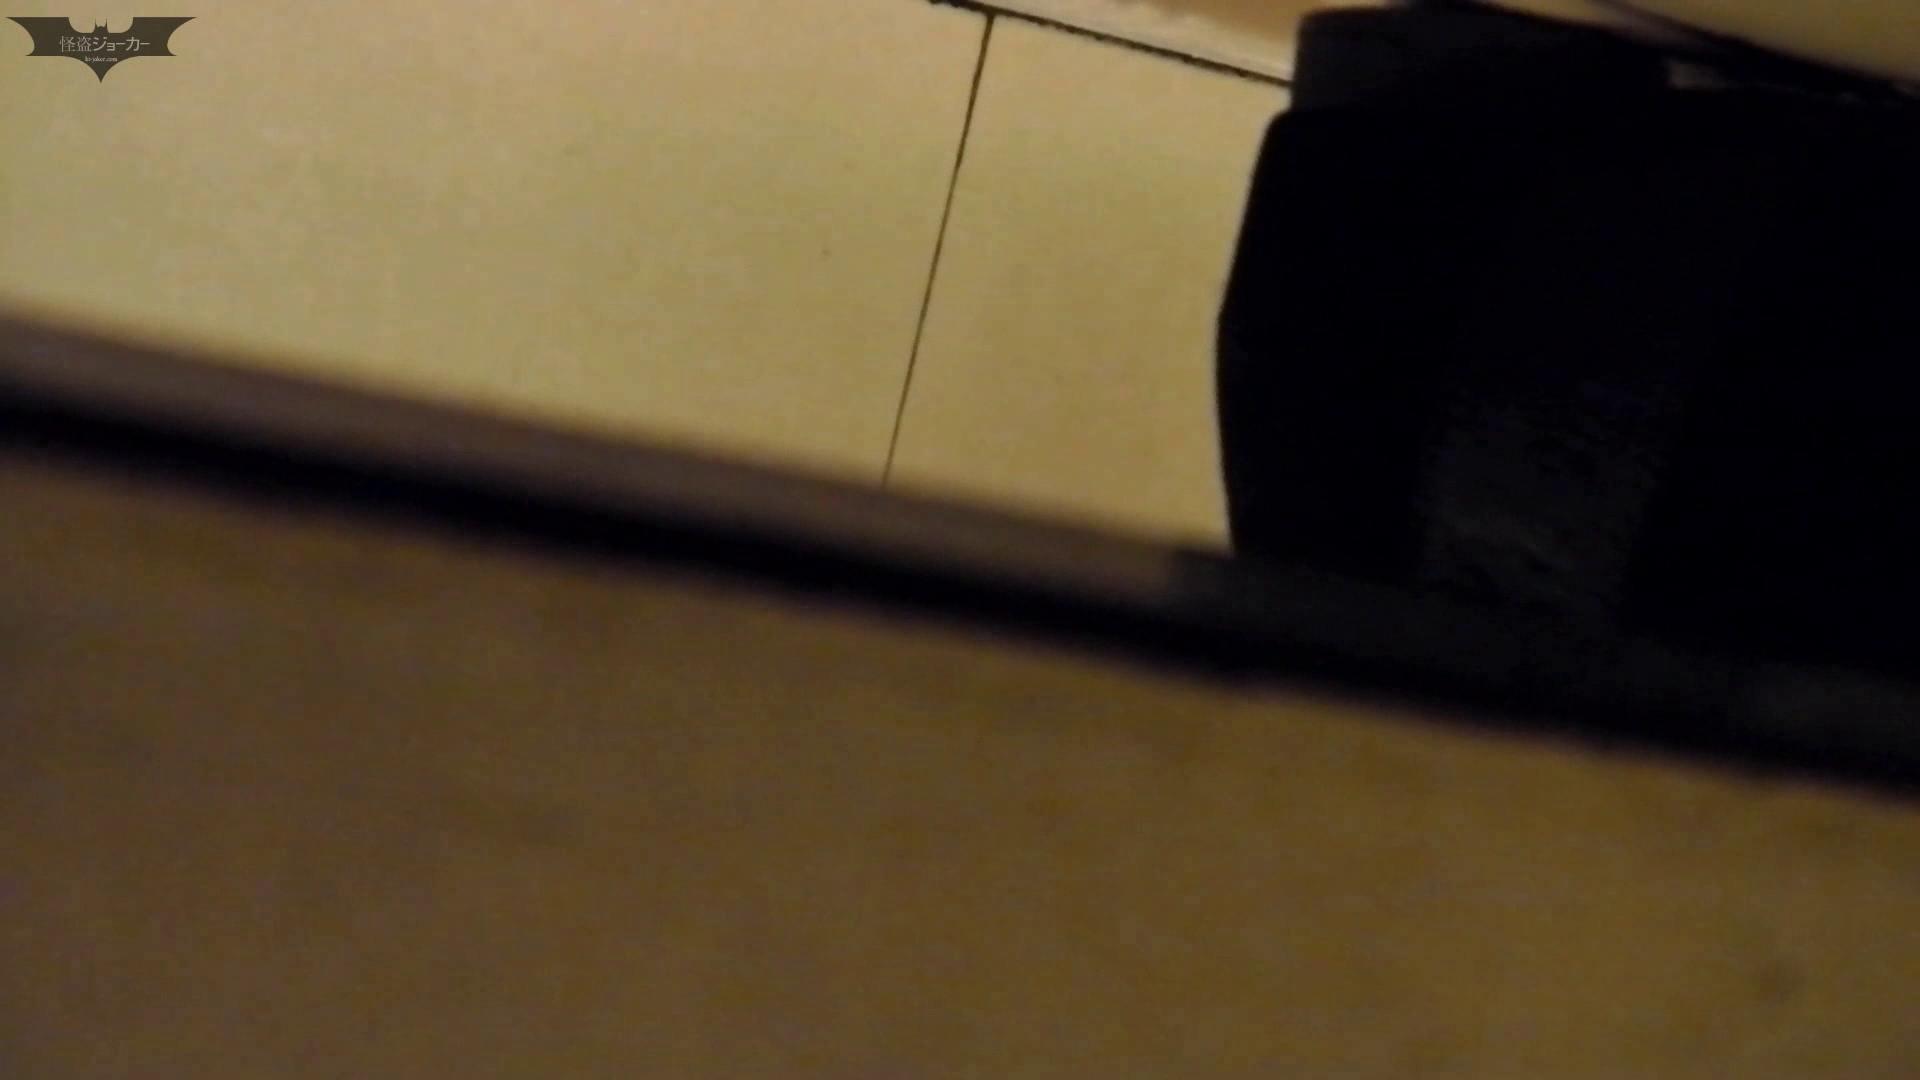 新世界の射窓 No64日本ギャル登場か?ハイヒール大特集! ギャル盗撮映像  84PIX 42